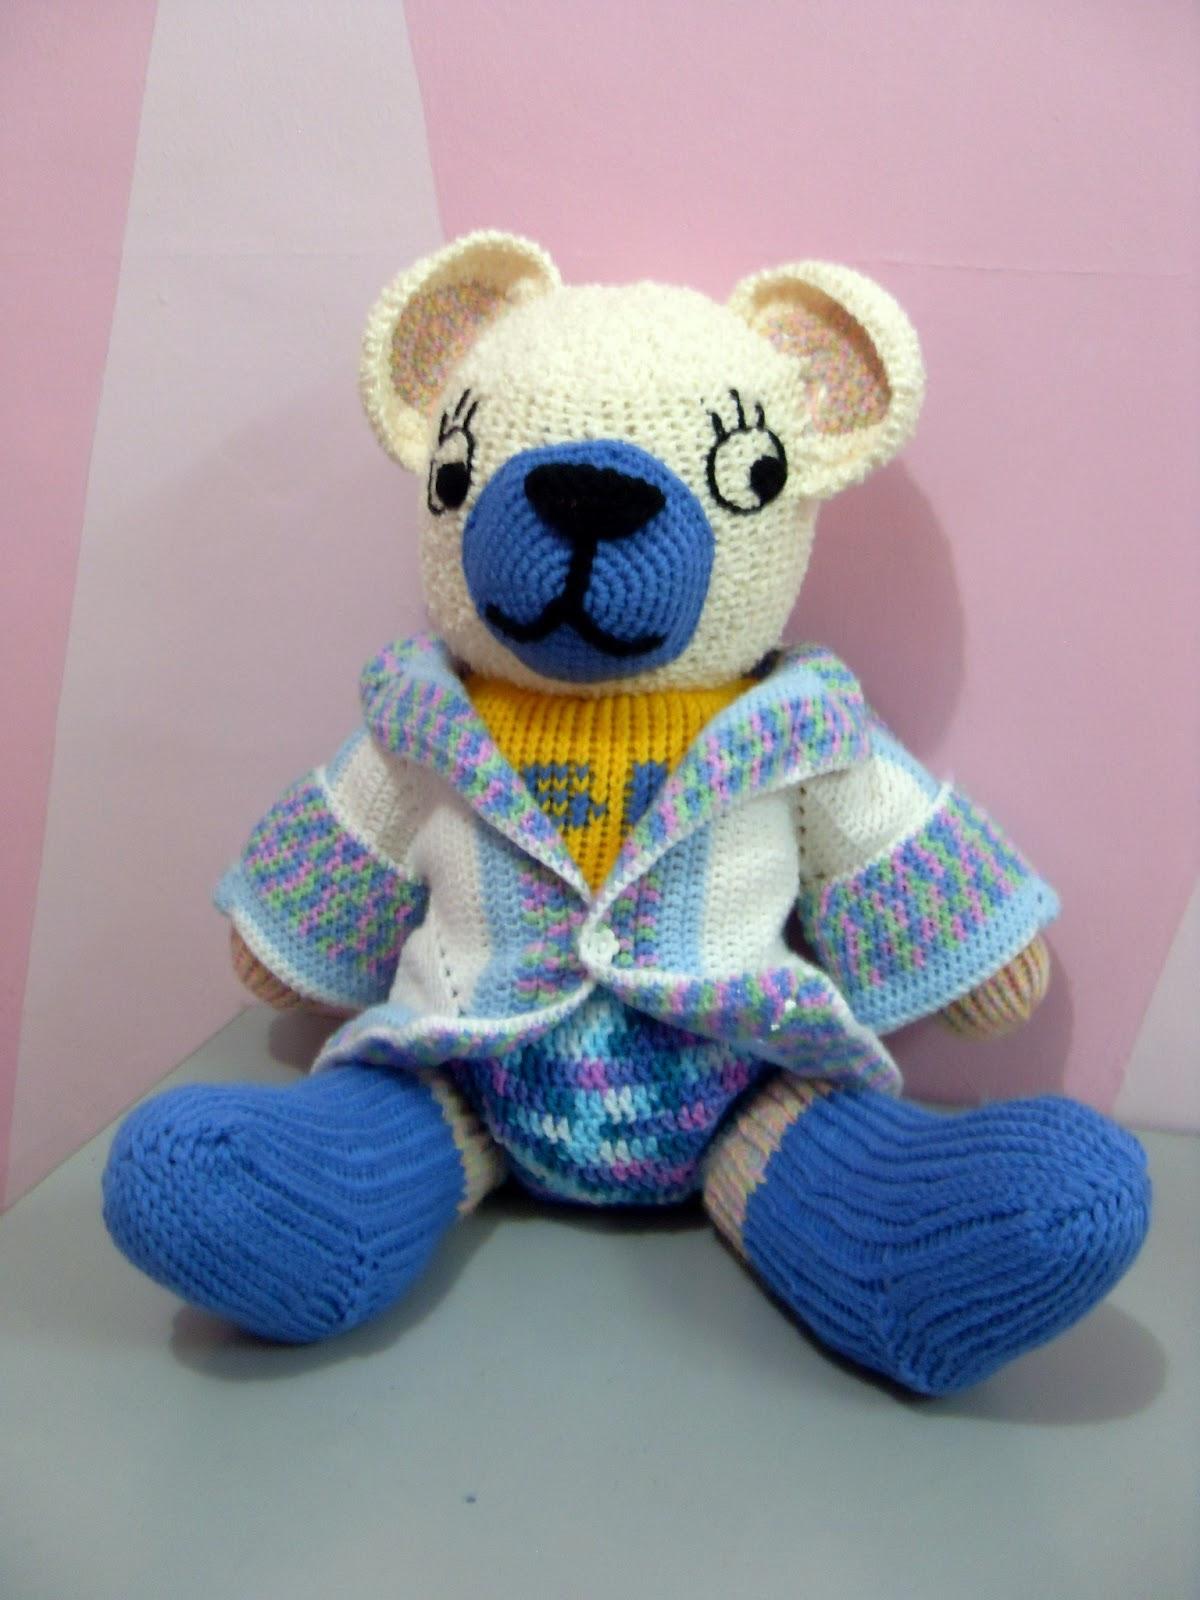 Crochet Is Fun Tutorial Loom Knit Teddy Bear English